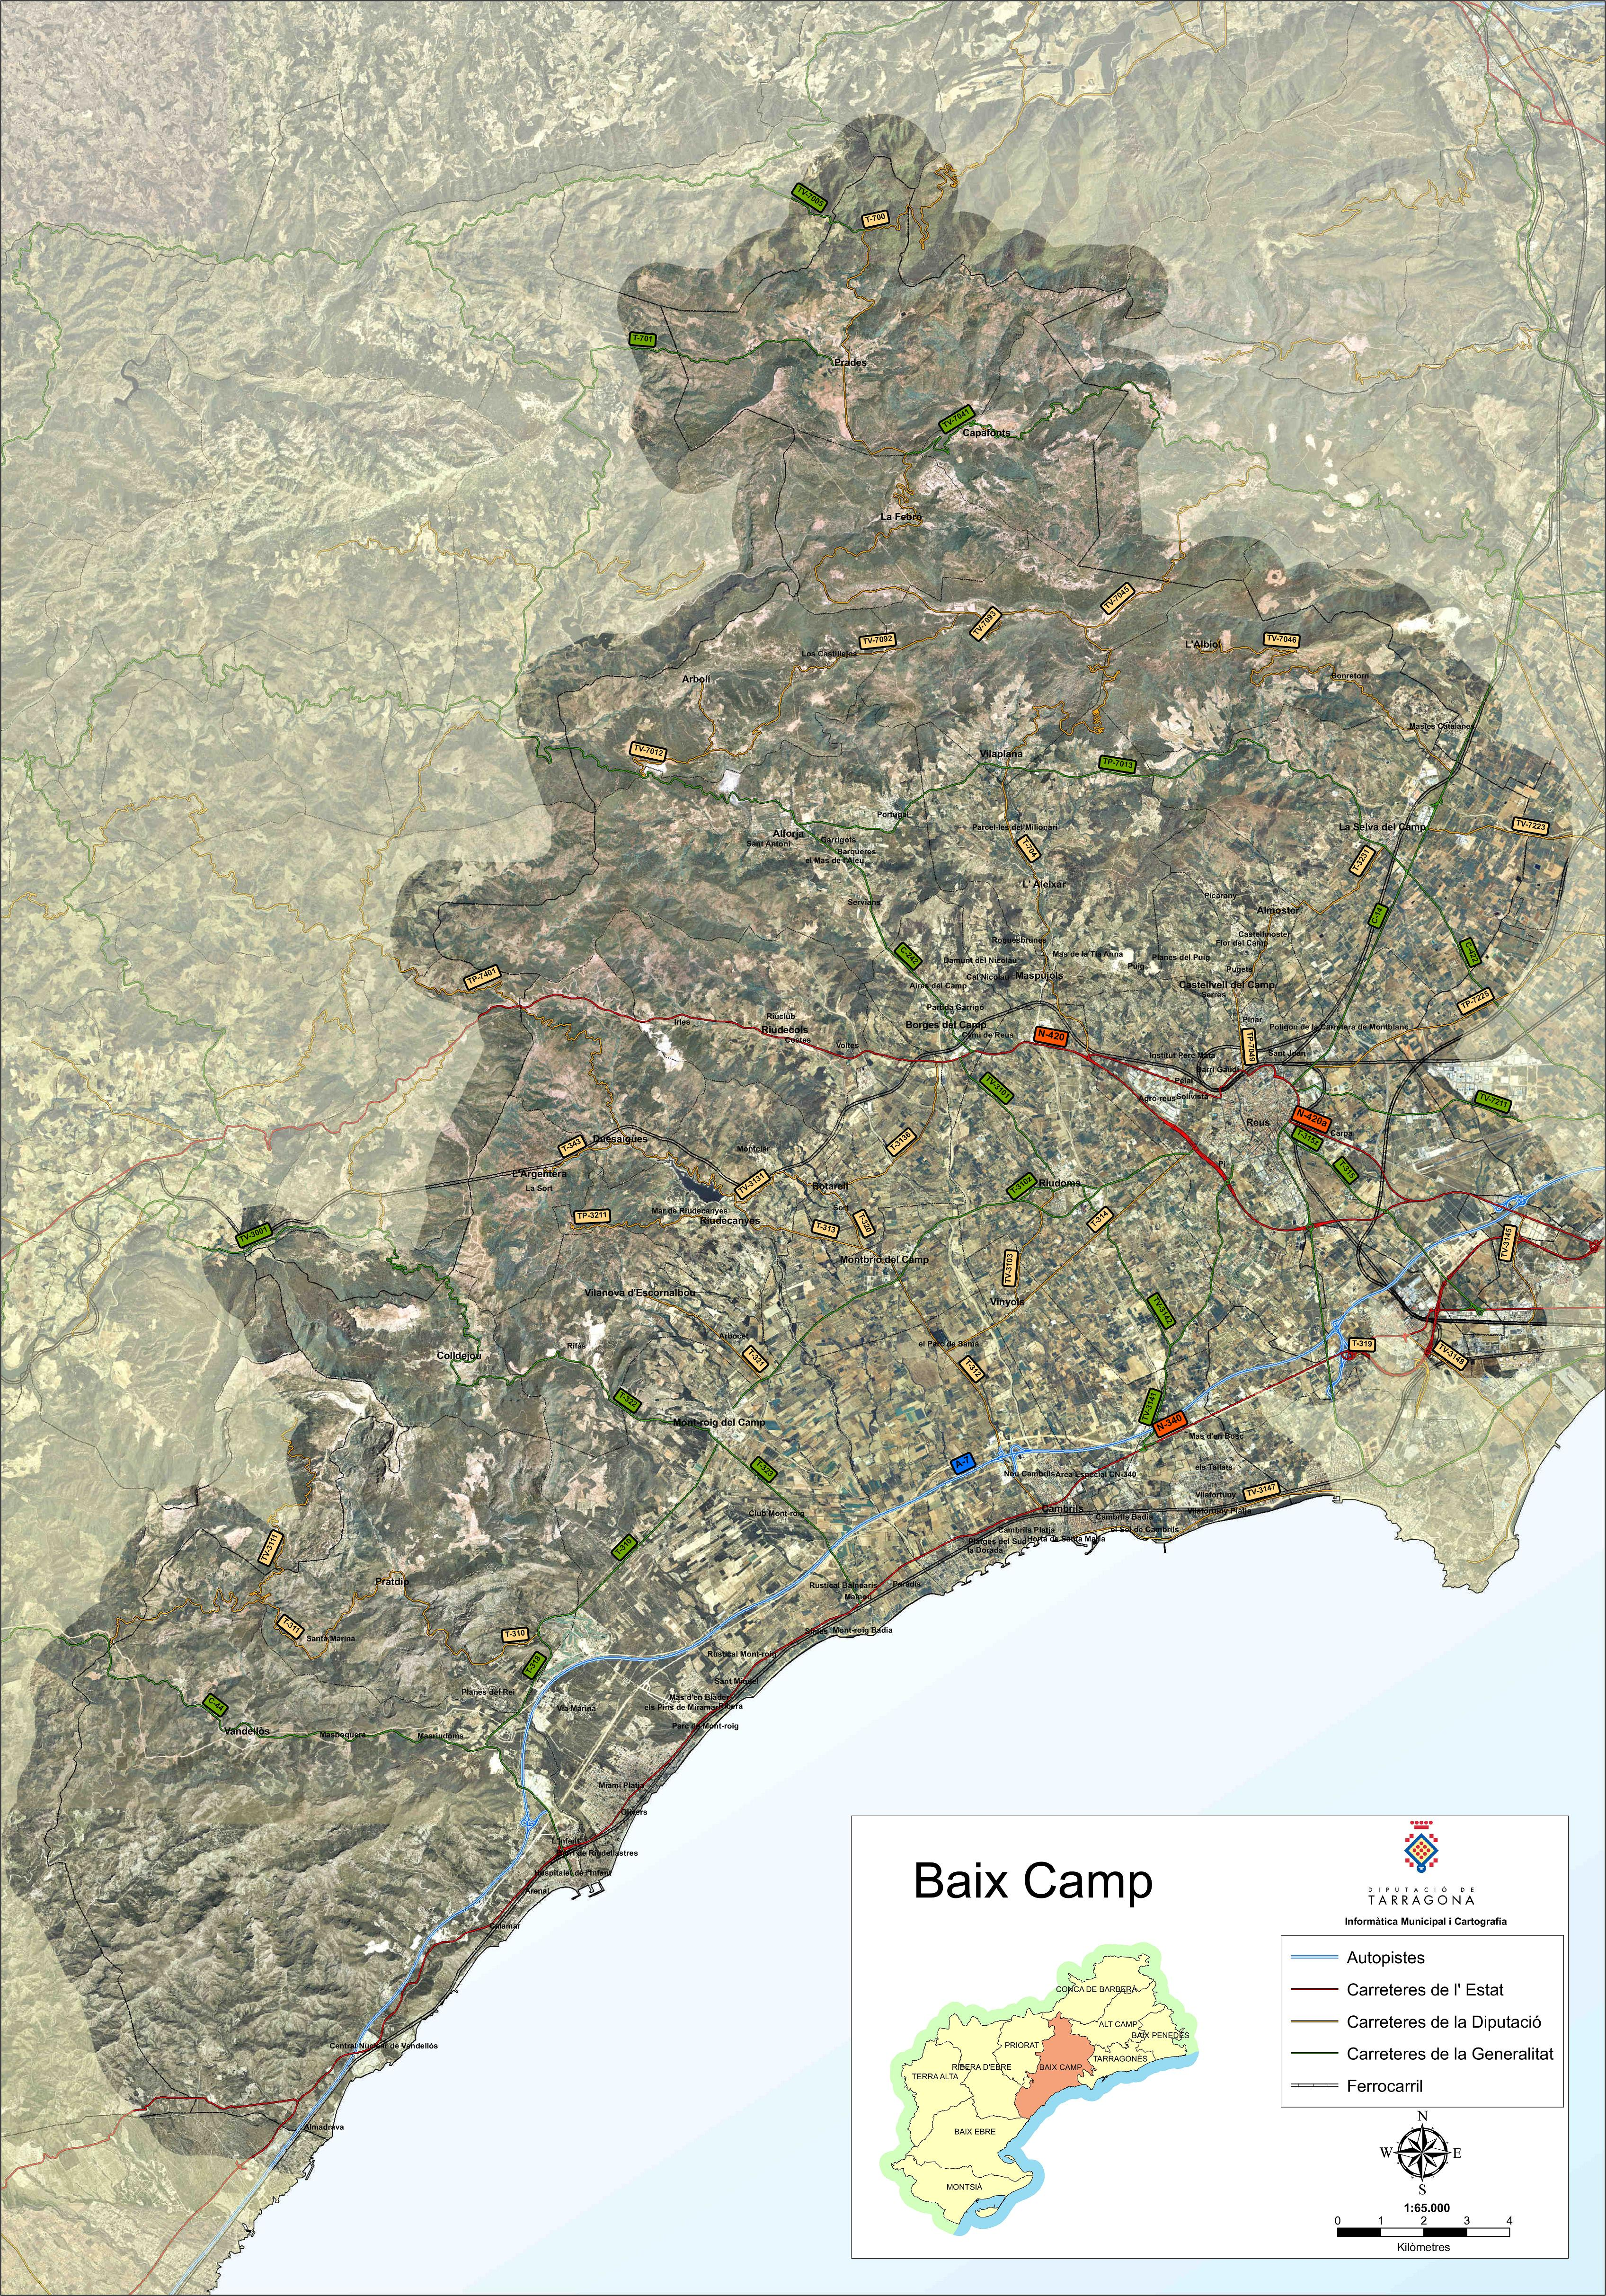 Mapa satelital con carreteras de la comarca de Baix Camp